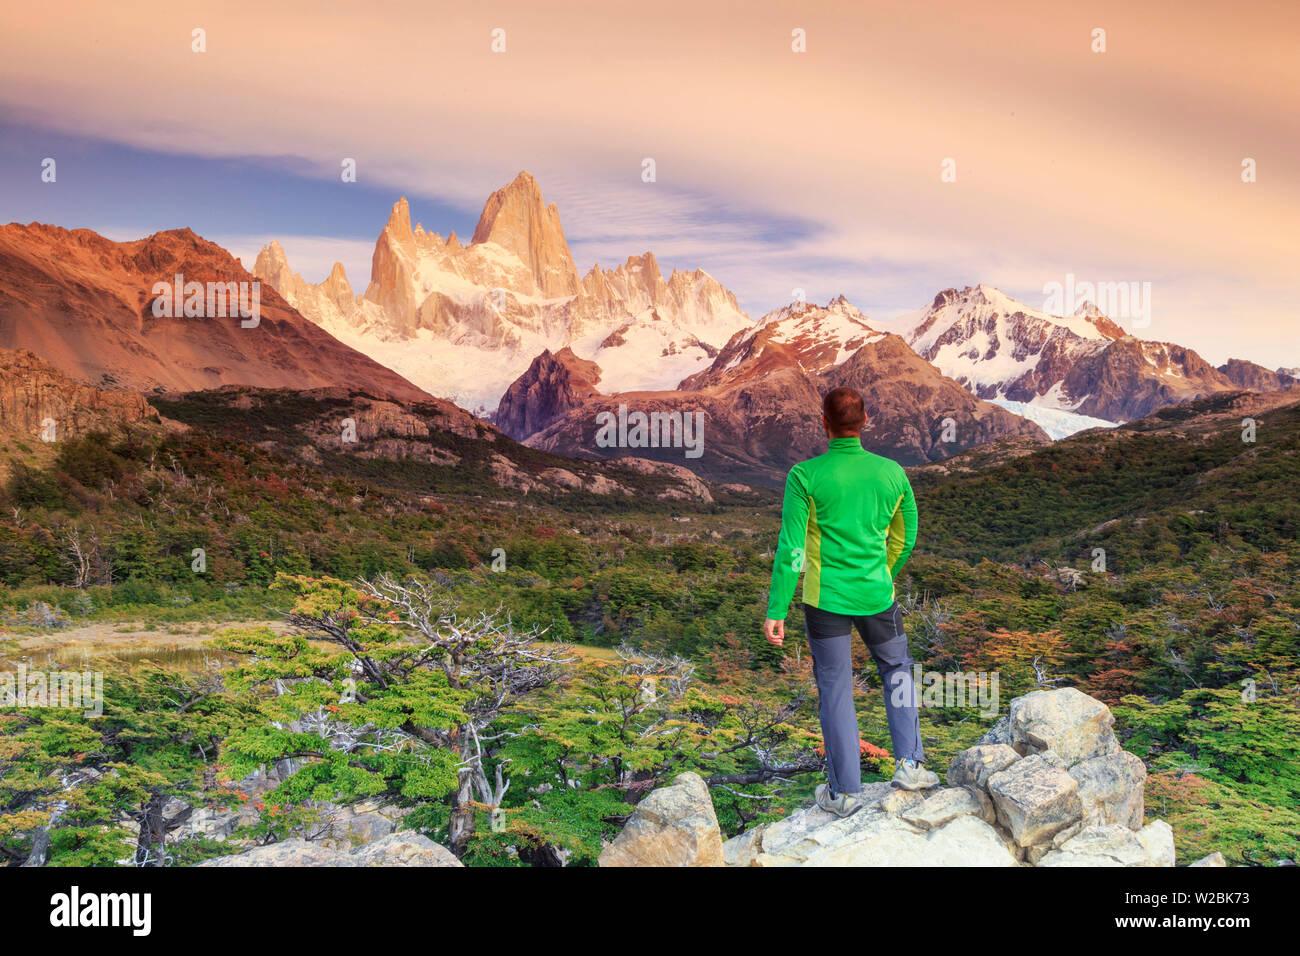 Argentina, Patagonia, El Chalten, Los Glaciares National Park, Cerro Fitzroy Peak (MR) - Stock Image